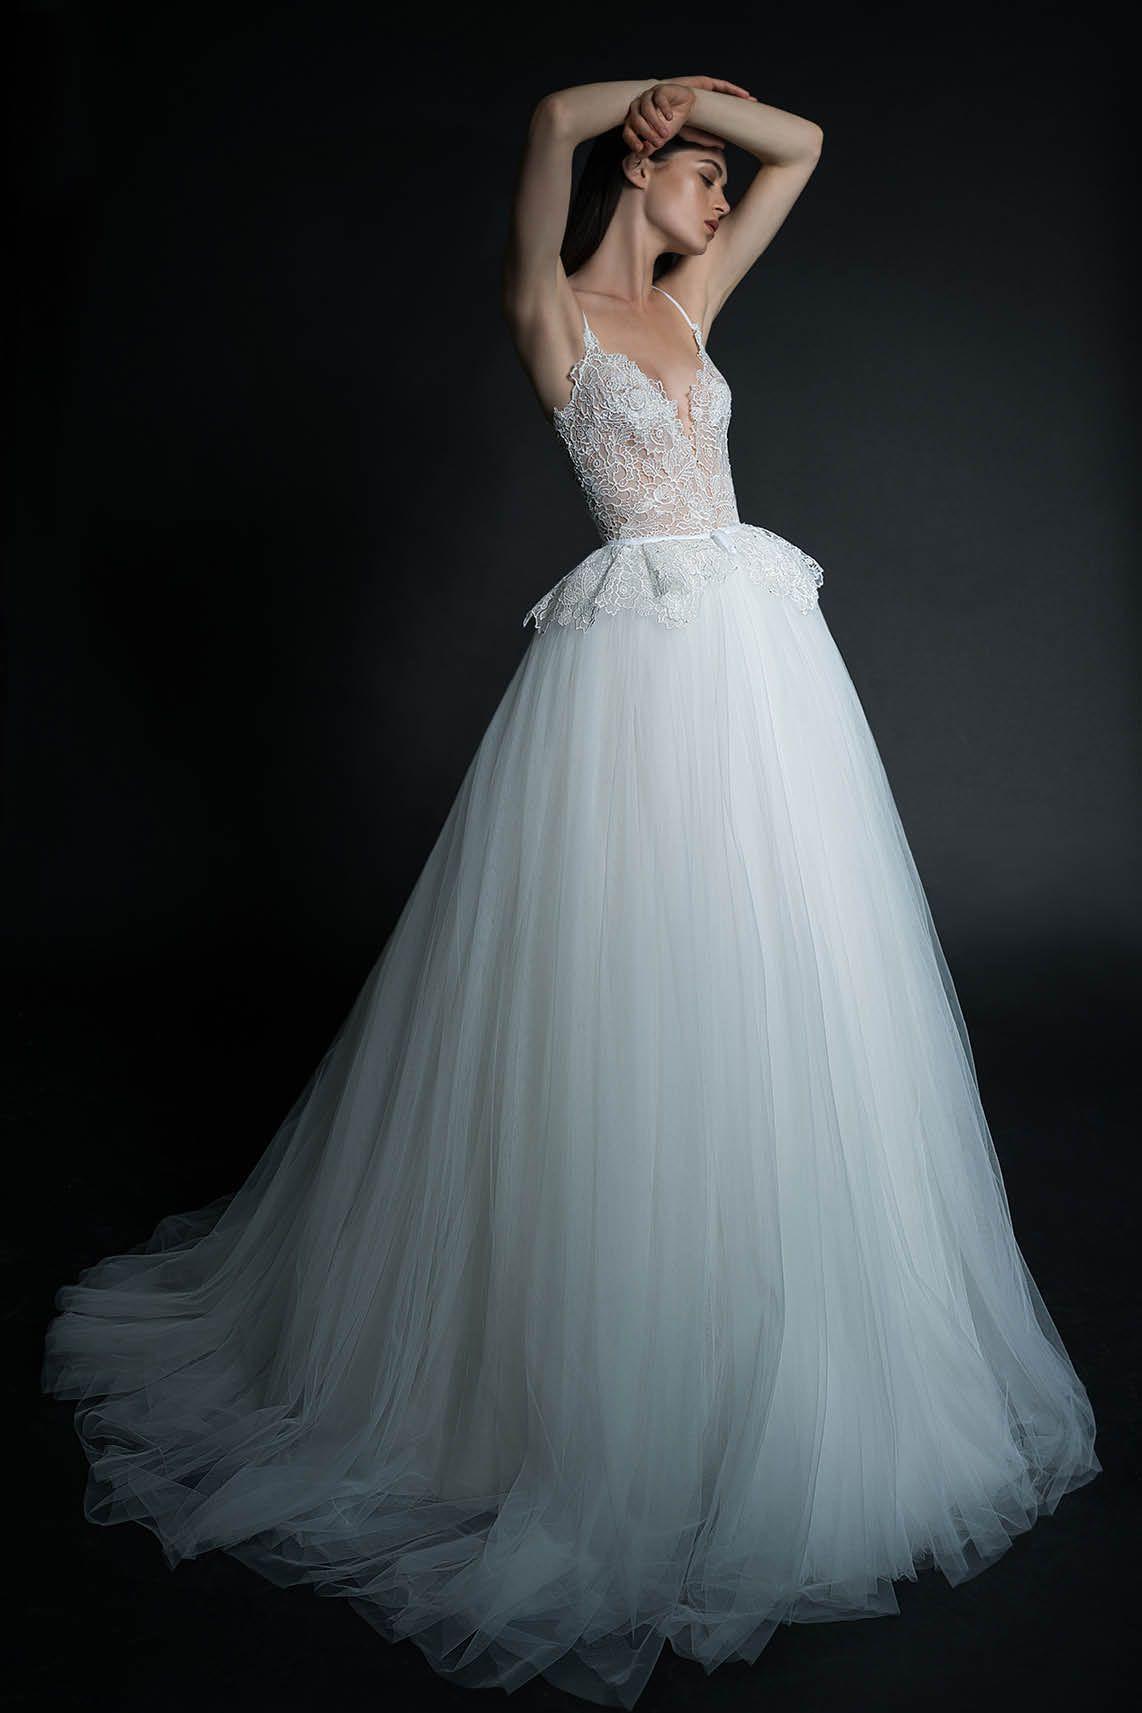 Pure by Inbal Dror la collezione sposa per esaudire i tuoi sogni - Cira Lombardo  Abiti f34a841bf29